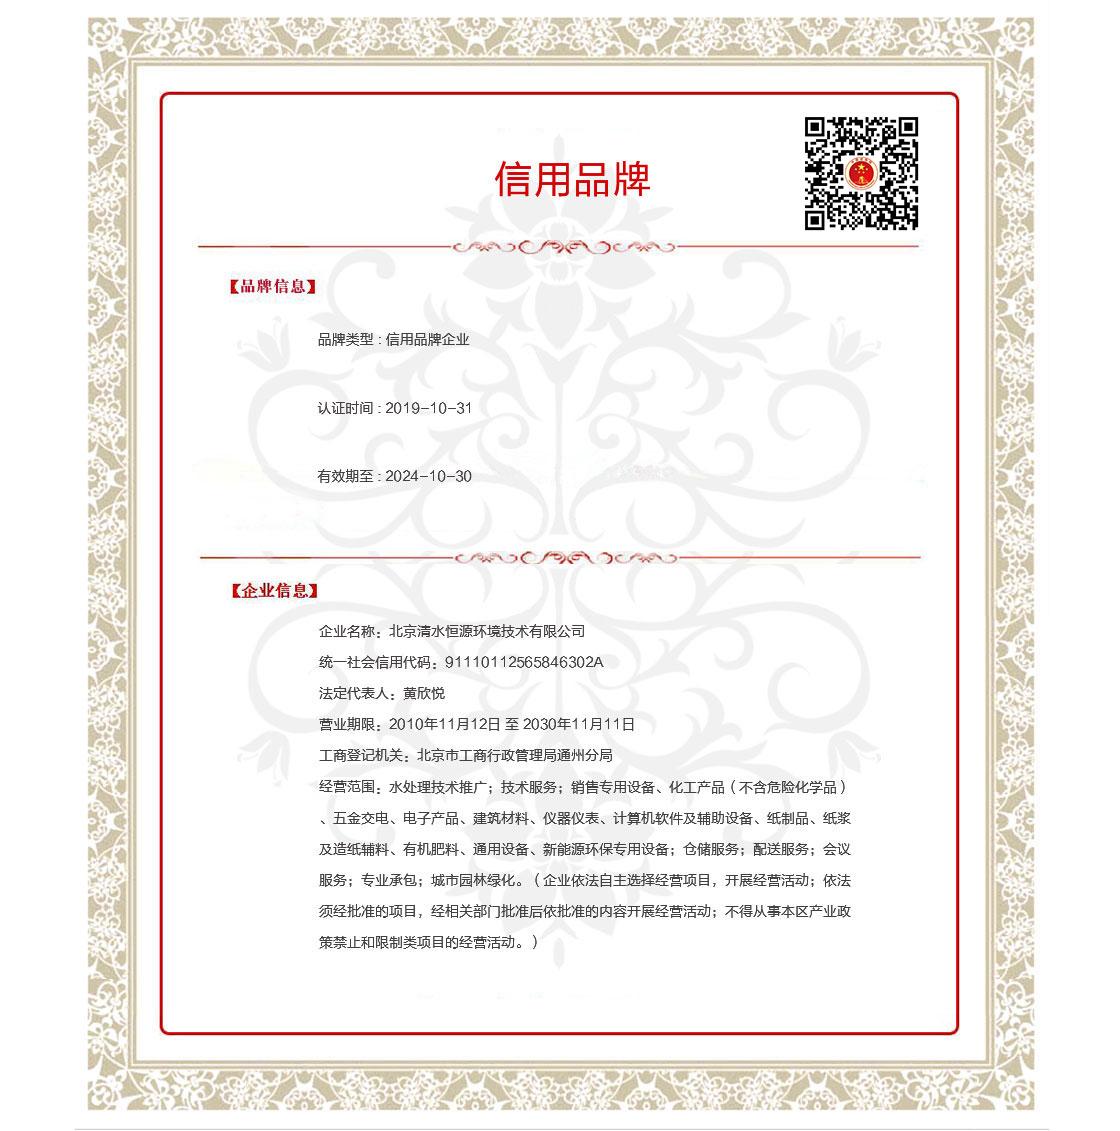 北京清水恒源環境技術有限公司.jpg